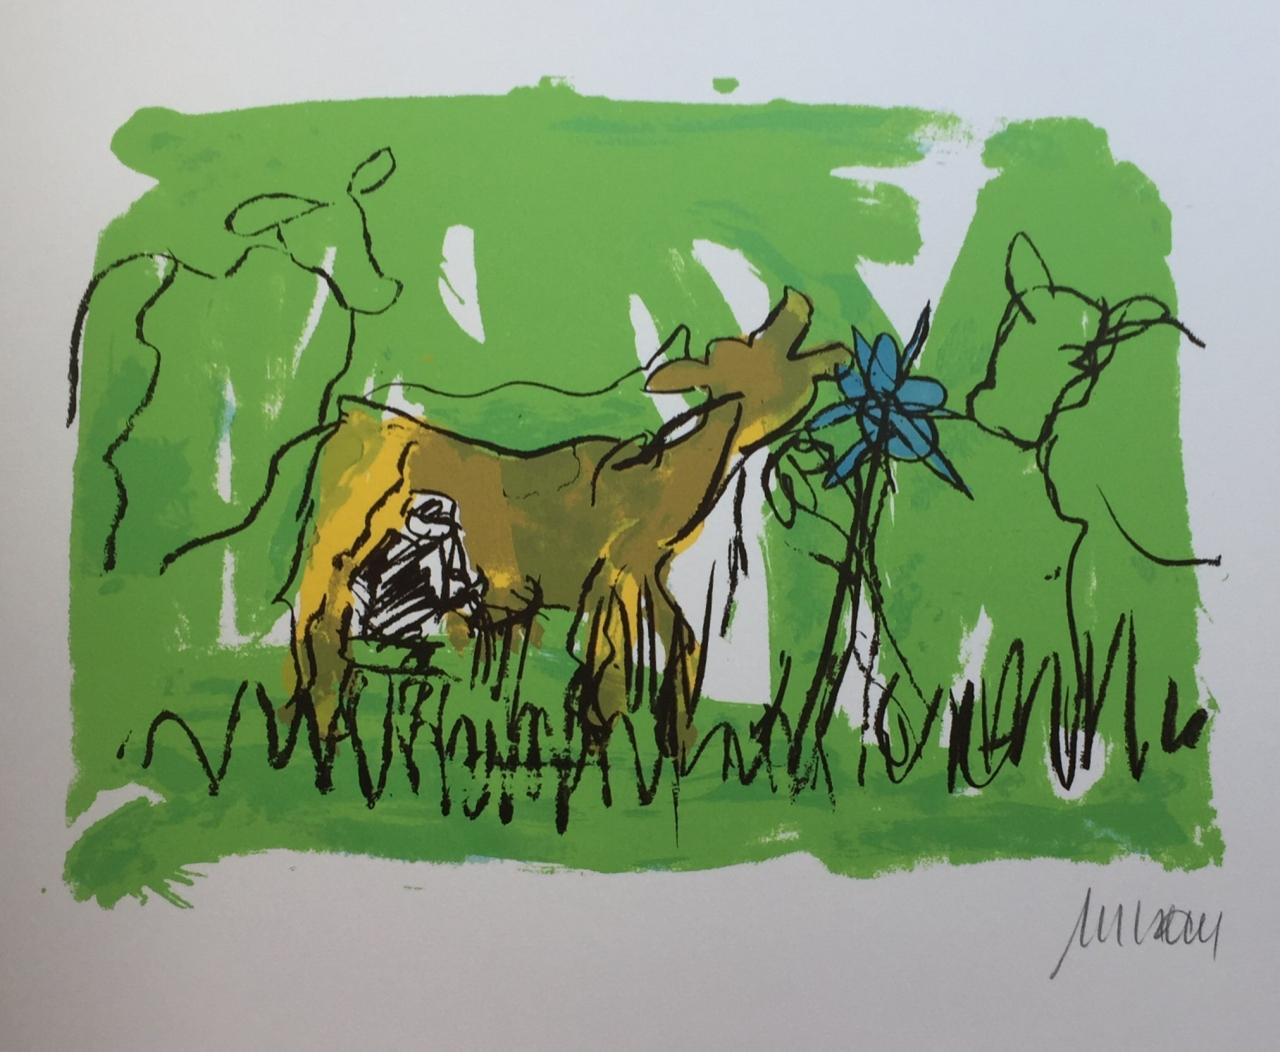 Sie kicherte beim Melken - Unikatdruck - No. III - (Variante grün mit gelber Kuh)